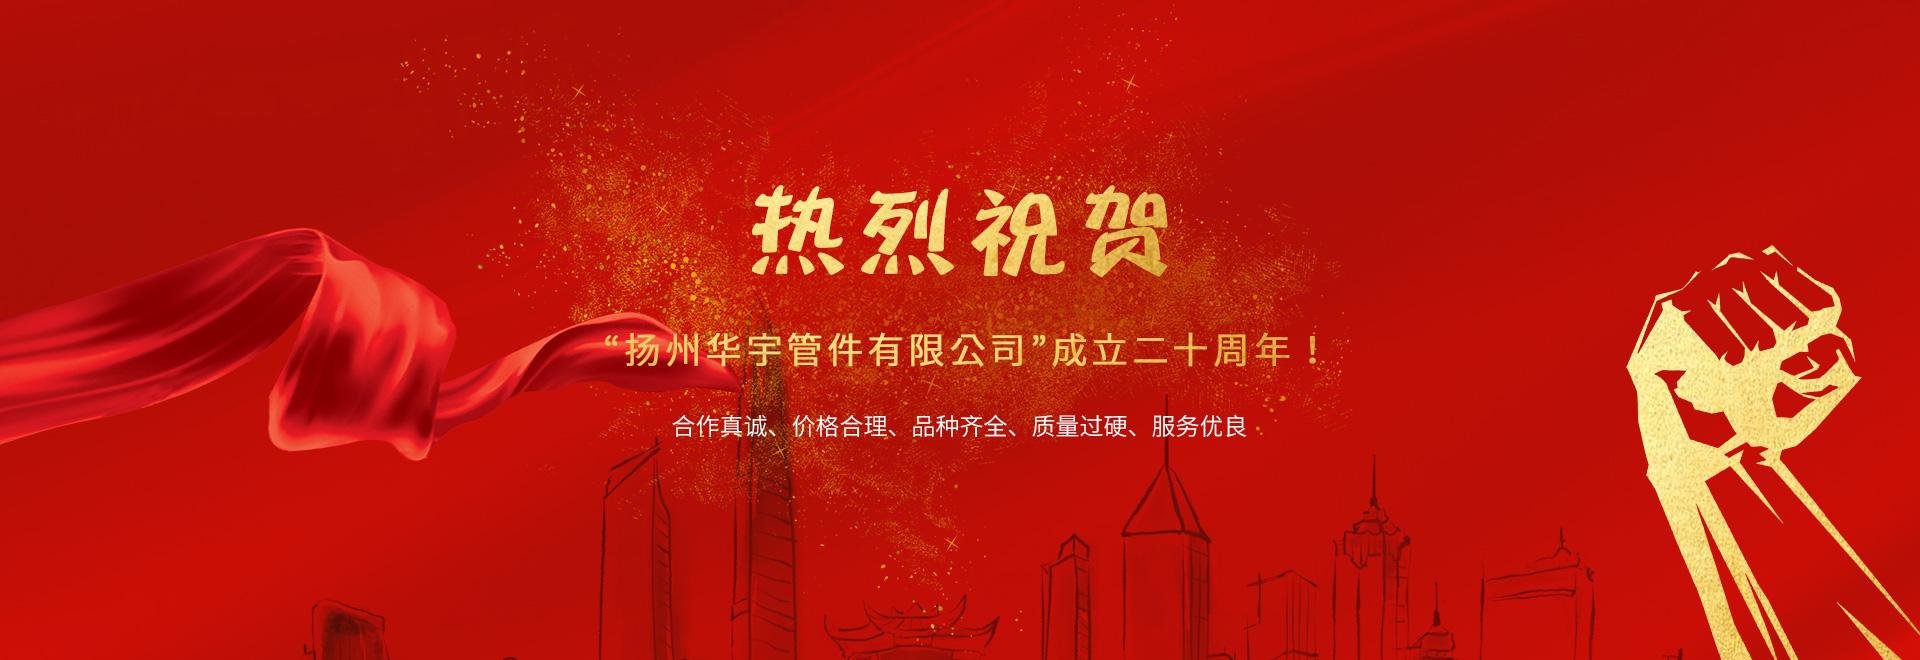 热烈祝贺华宇20周年